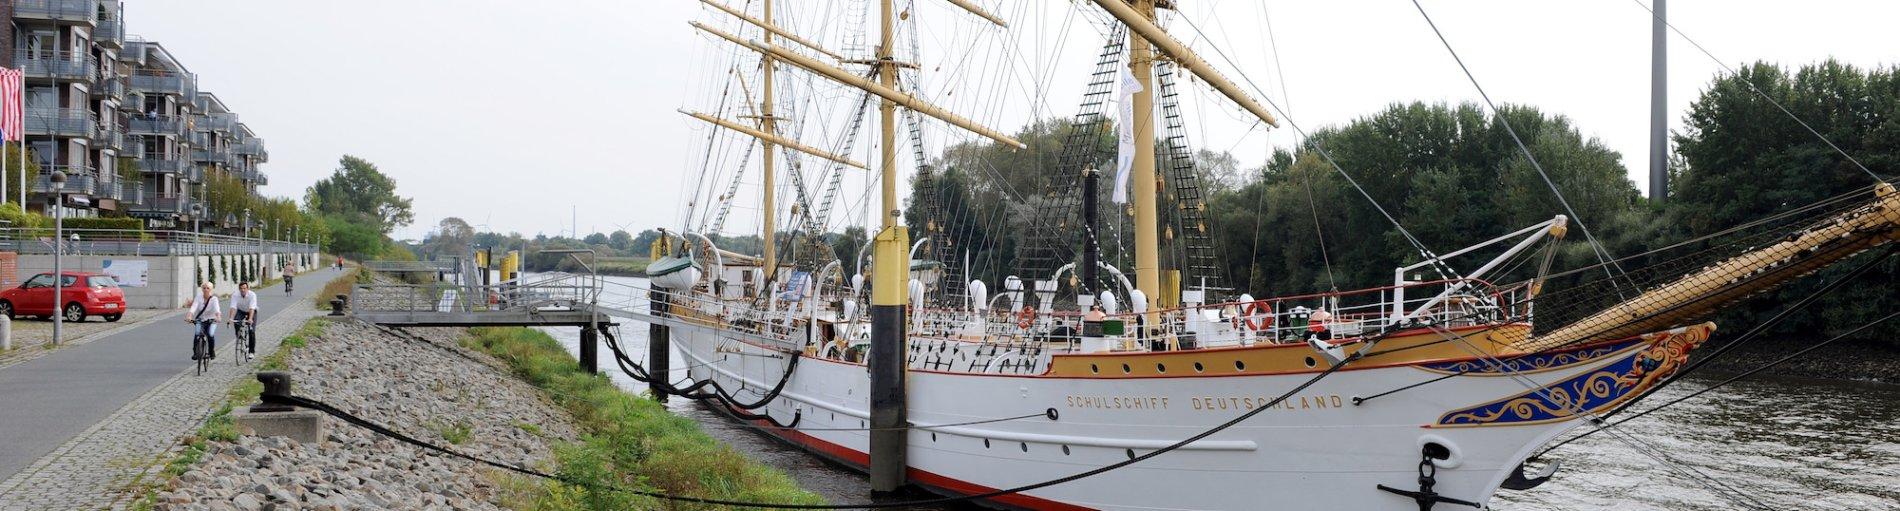 Schulschiff Deutschland in Bremen-Vegeack.